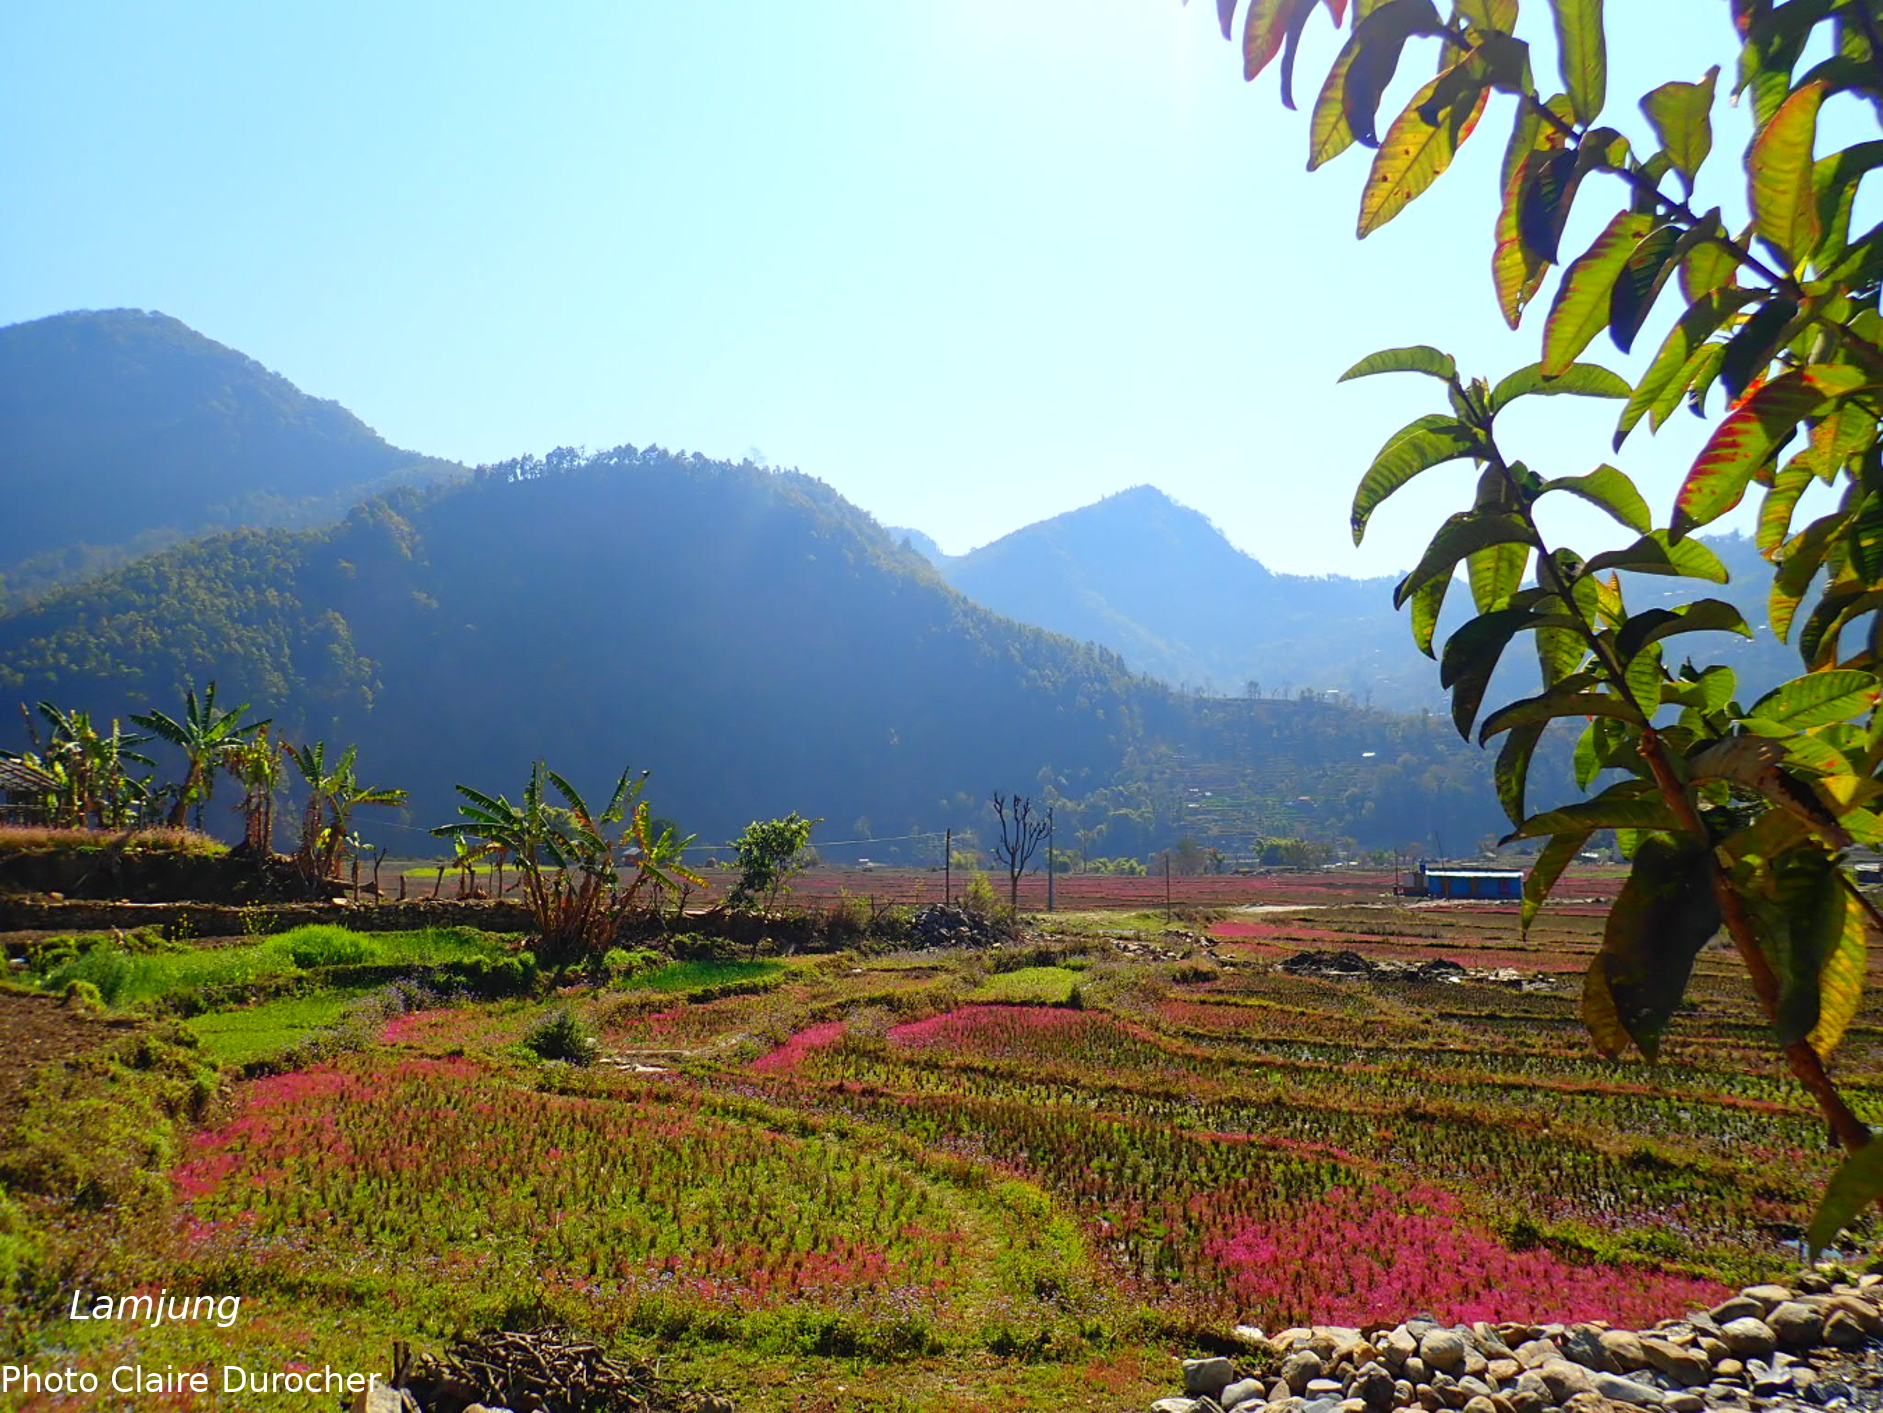 Campagne fleurie au pied d'une montagne